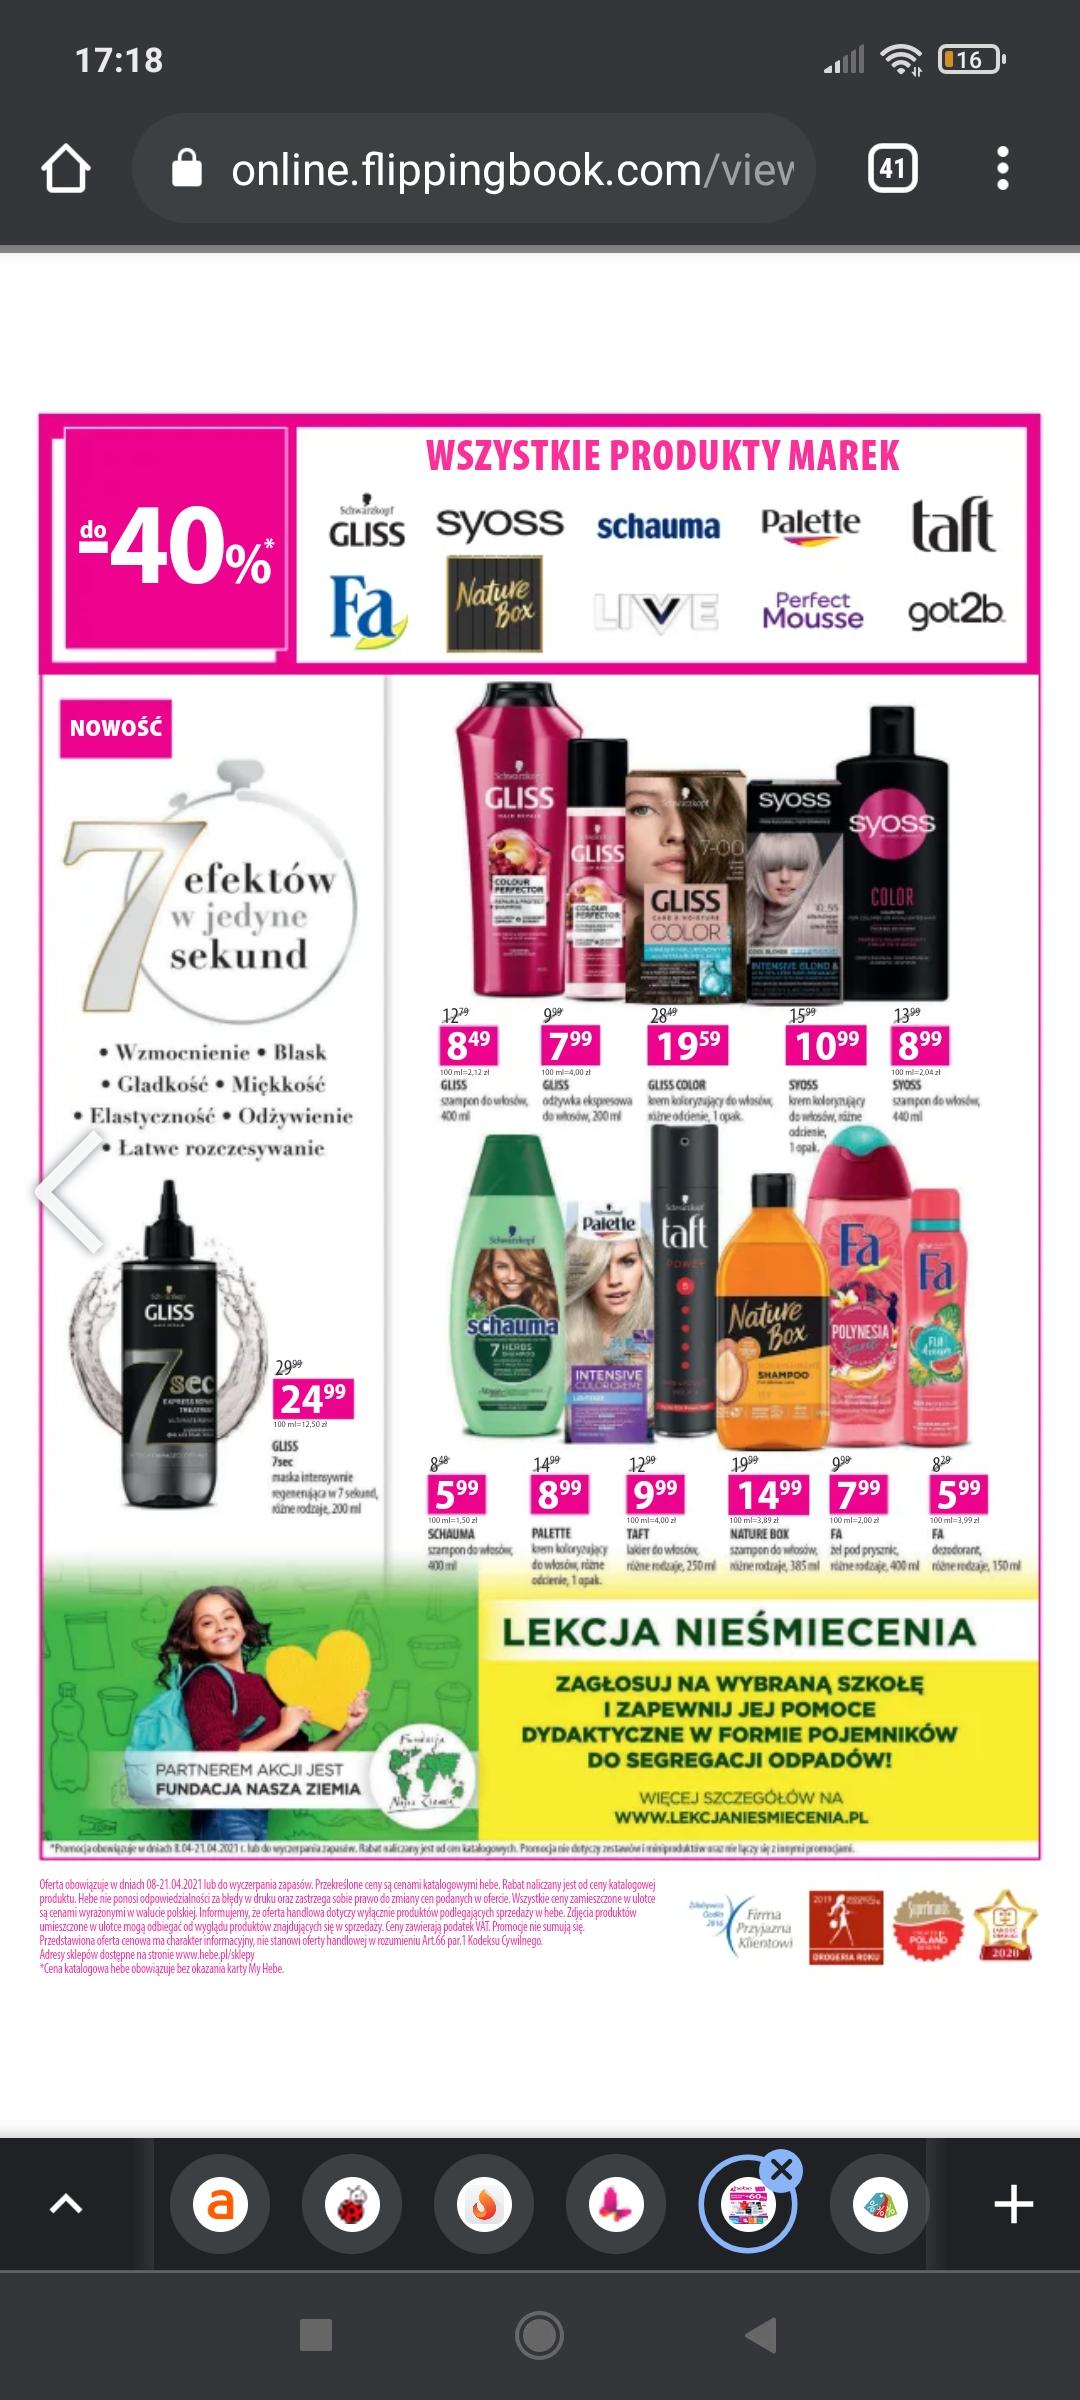 Do -40% na wszystkie produkty marek Gliss, Syoss, Schauma, Palette, Taft i inne np. szampon do włosów Schauma 400ml w Hebe